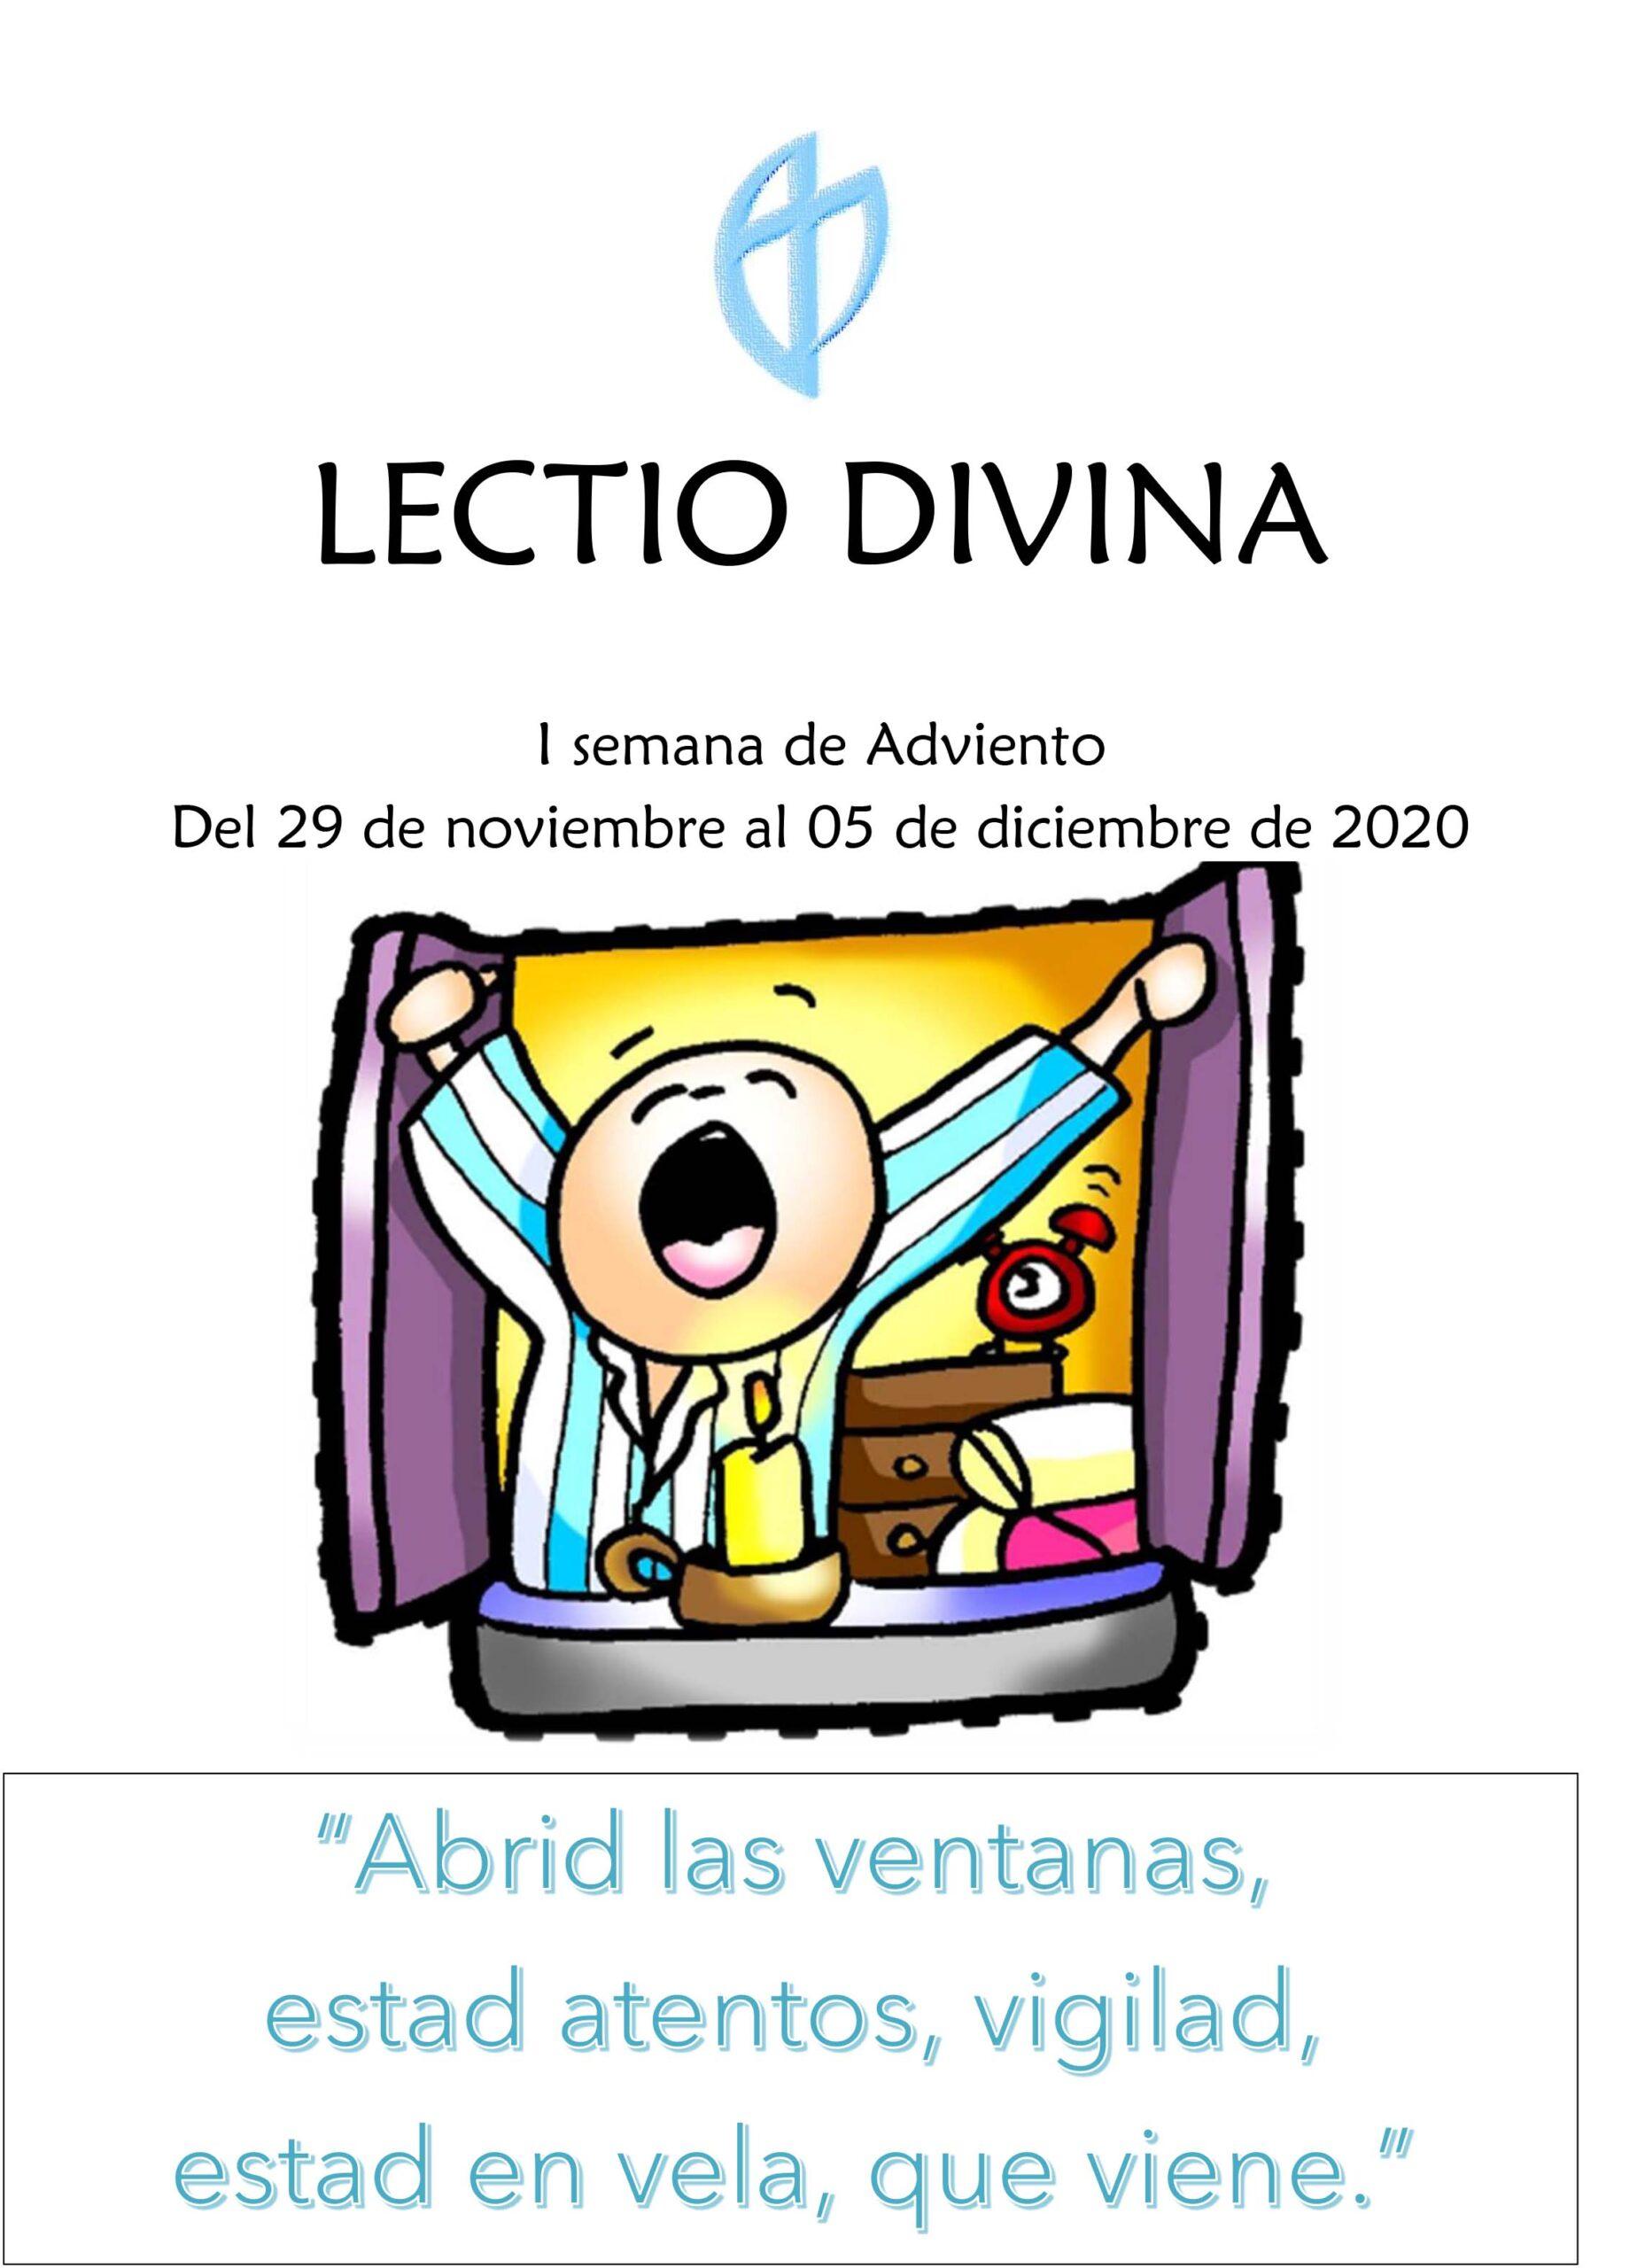 I Semana de Adviento (del 29 de Noviembre al 5 de Diciembre 2020)